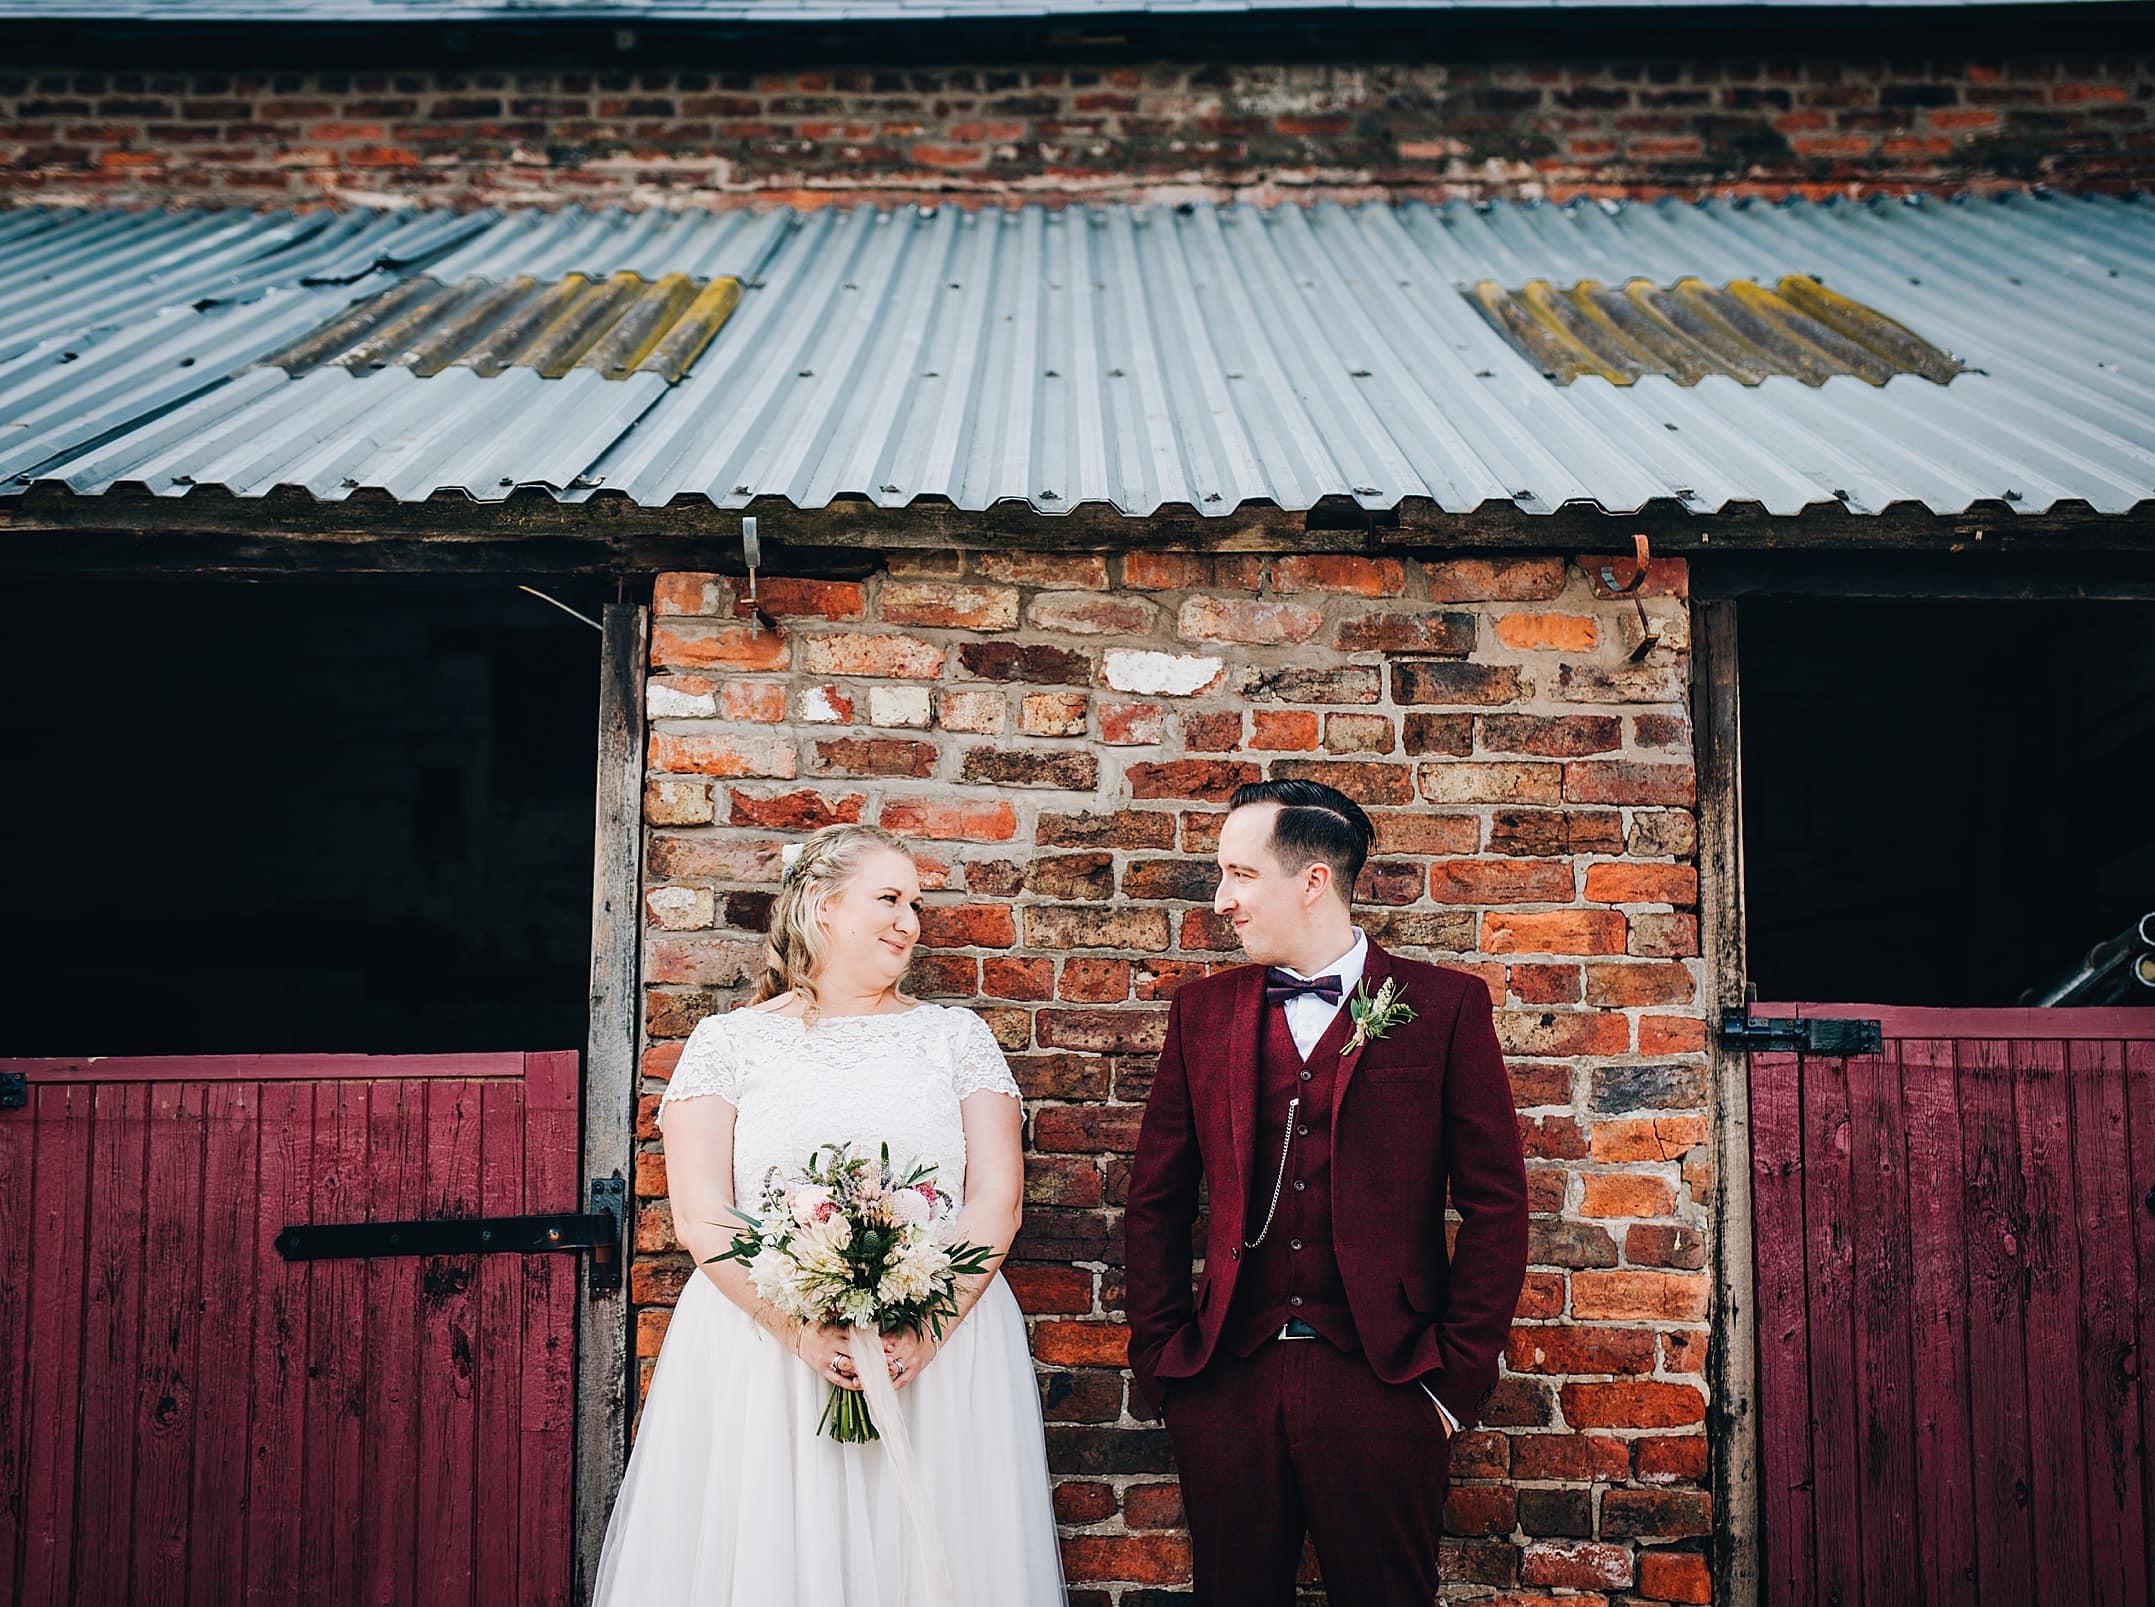 Stock Farm Wedding - fun couples photos